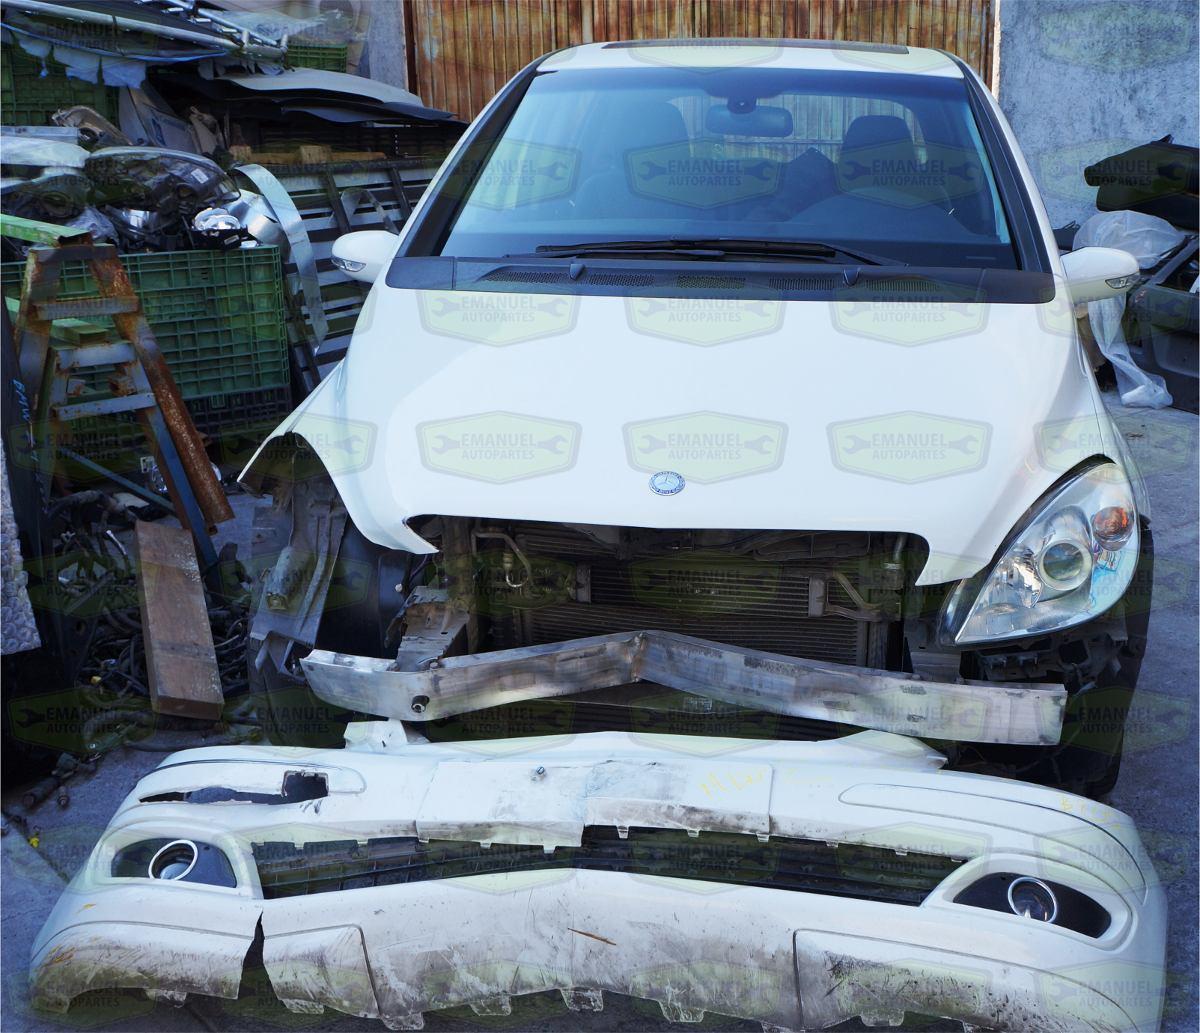 Mercedes b200 08 desarmo partes puertas toldo cofre etc - Precio toldo cofre ...